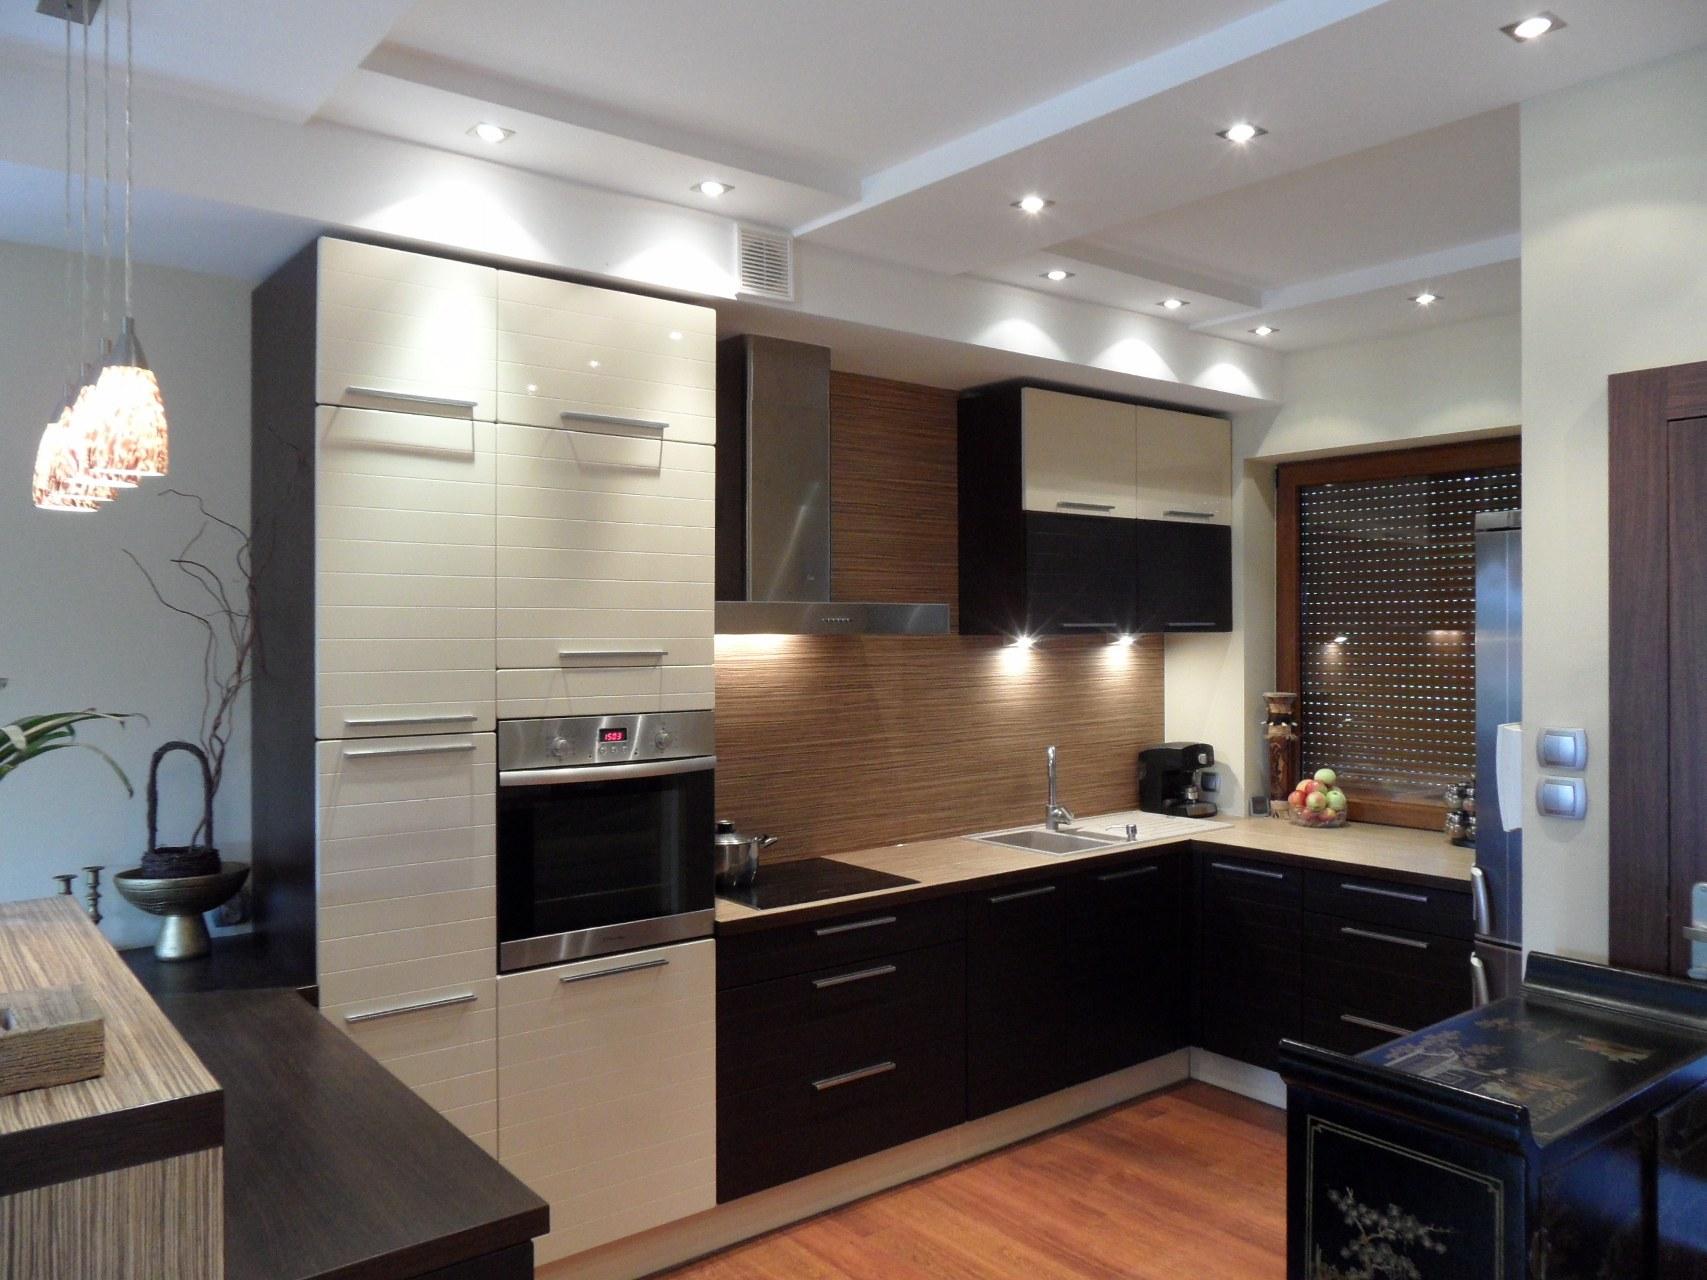 Aranżacja Wnętrza Kuchni Projektowanie Kuchni I łazienek